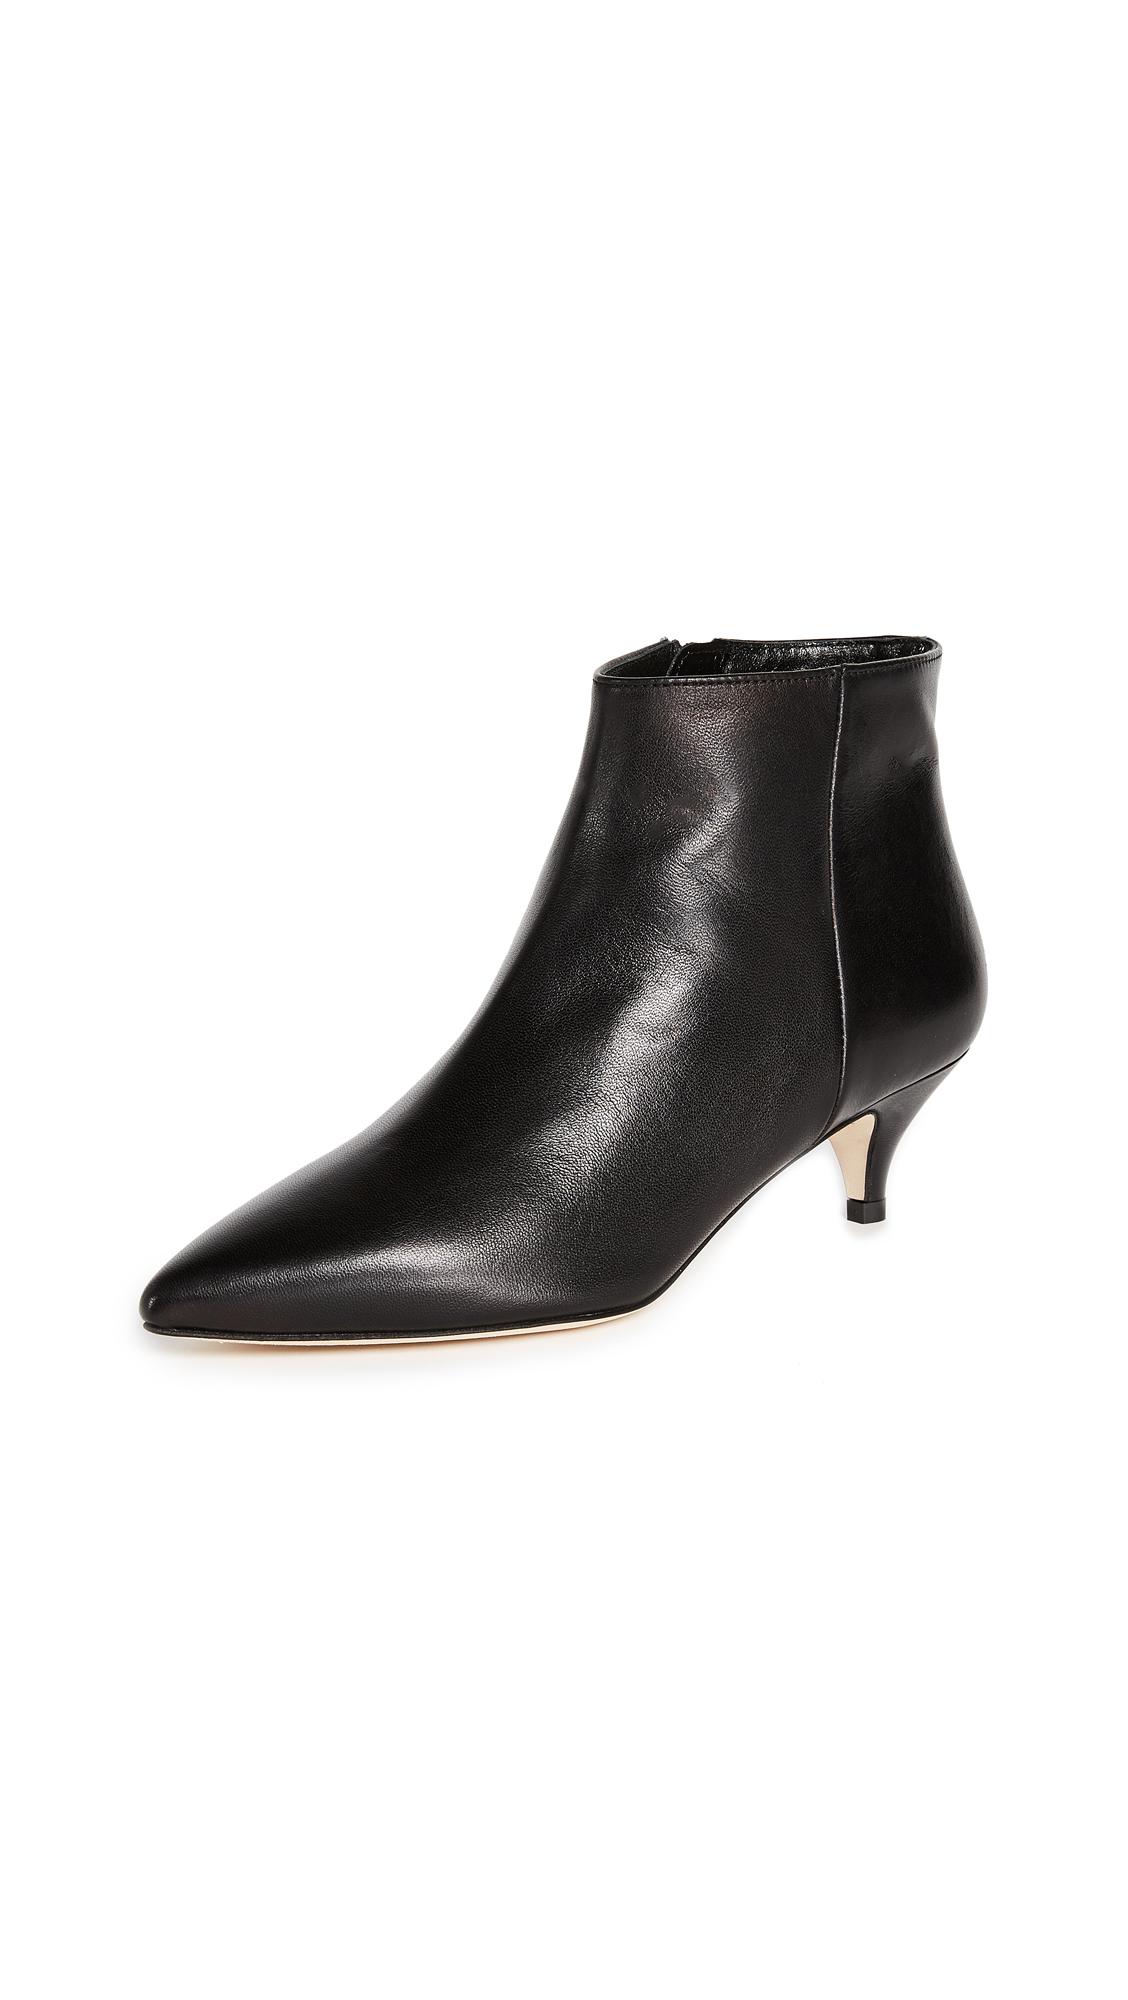 Kate Spade New York Olly Kitten Heel Ankle Booties - Black